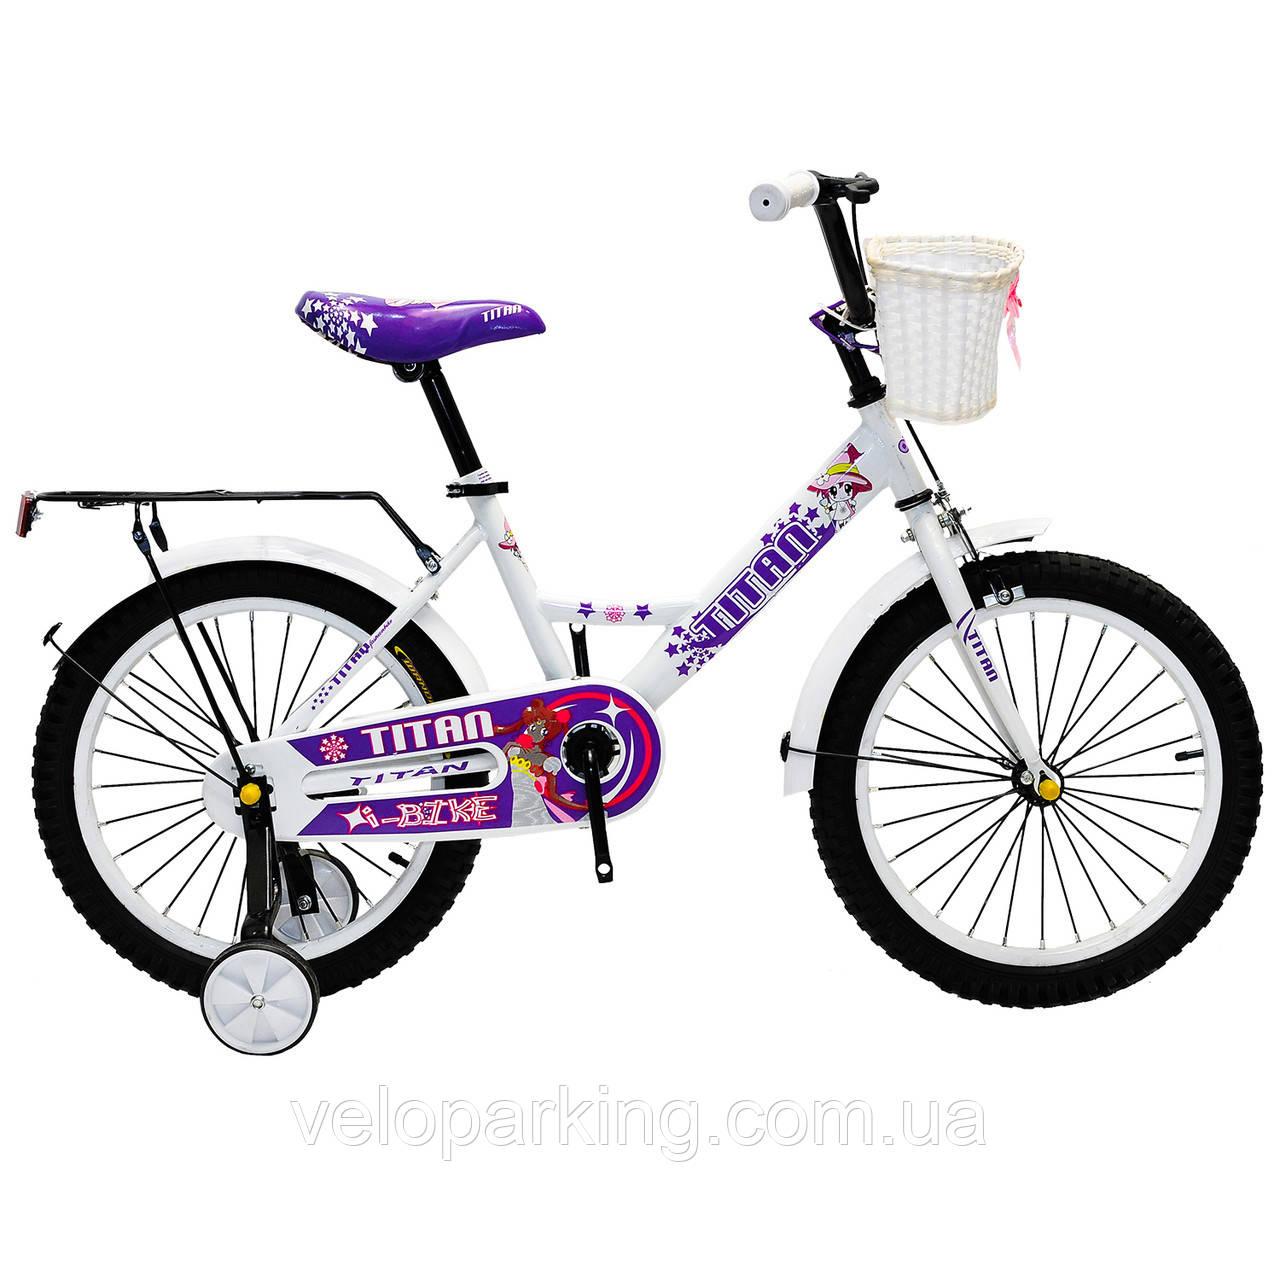 Велосипед детский Classic 20″ (2018) NEW